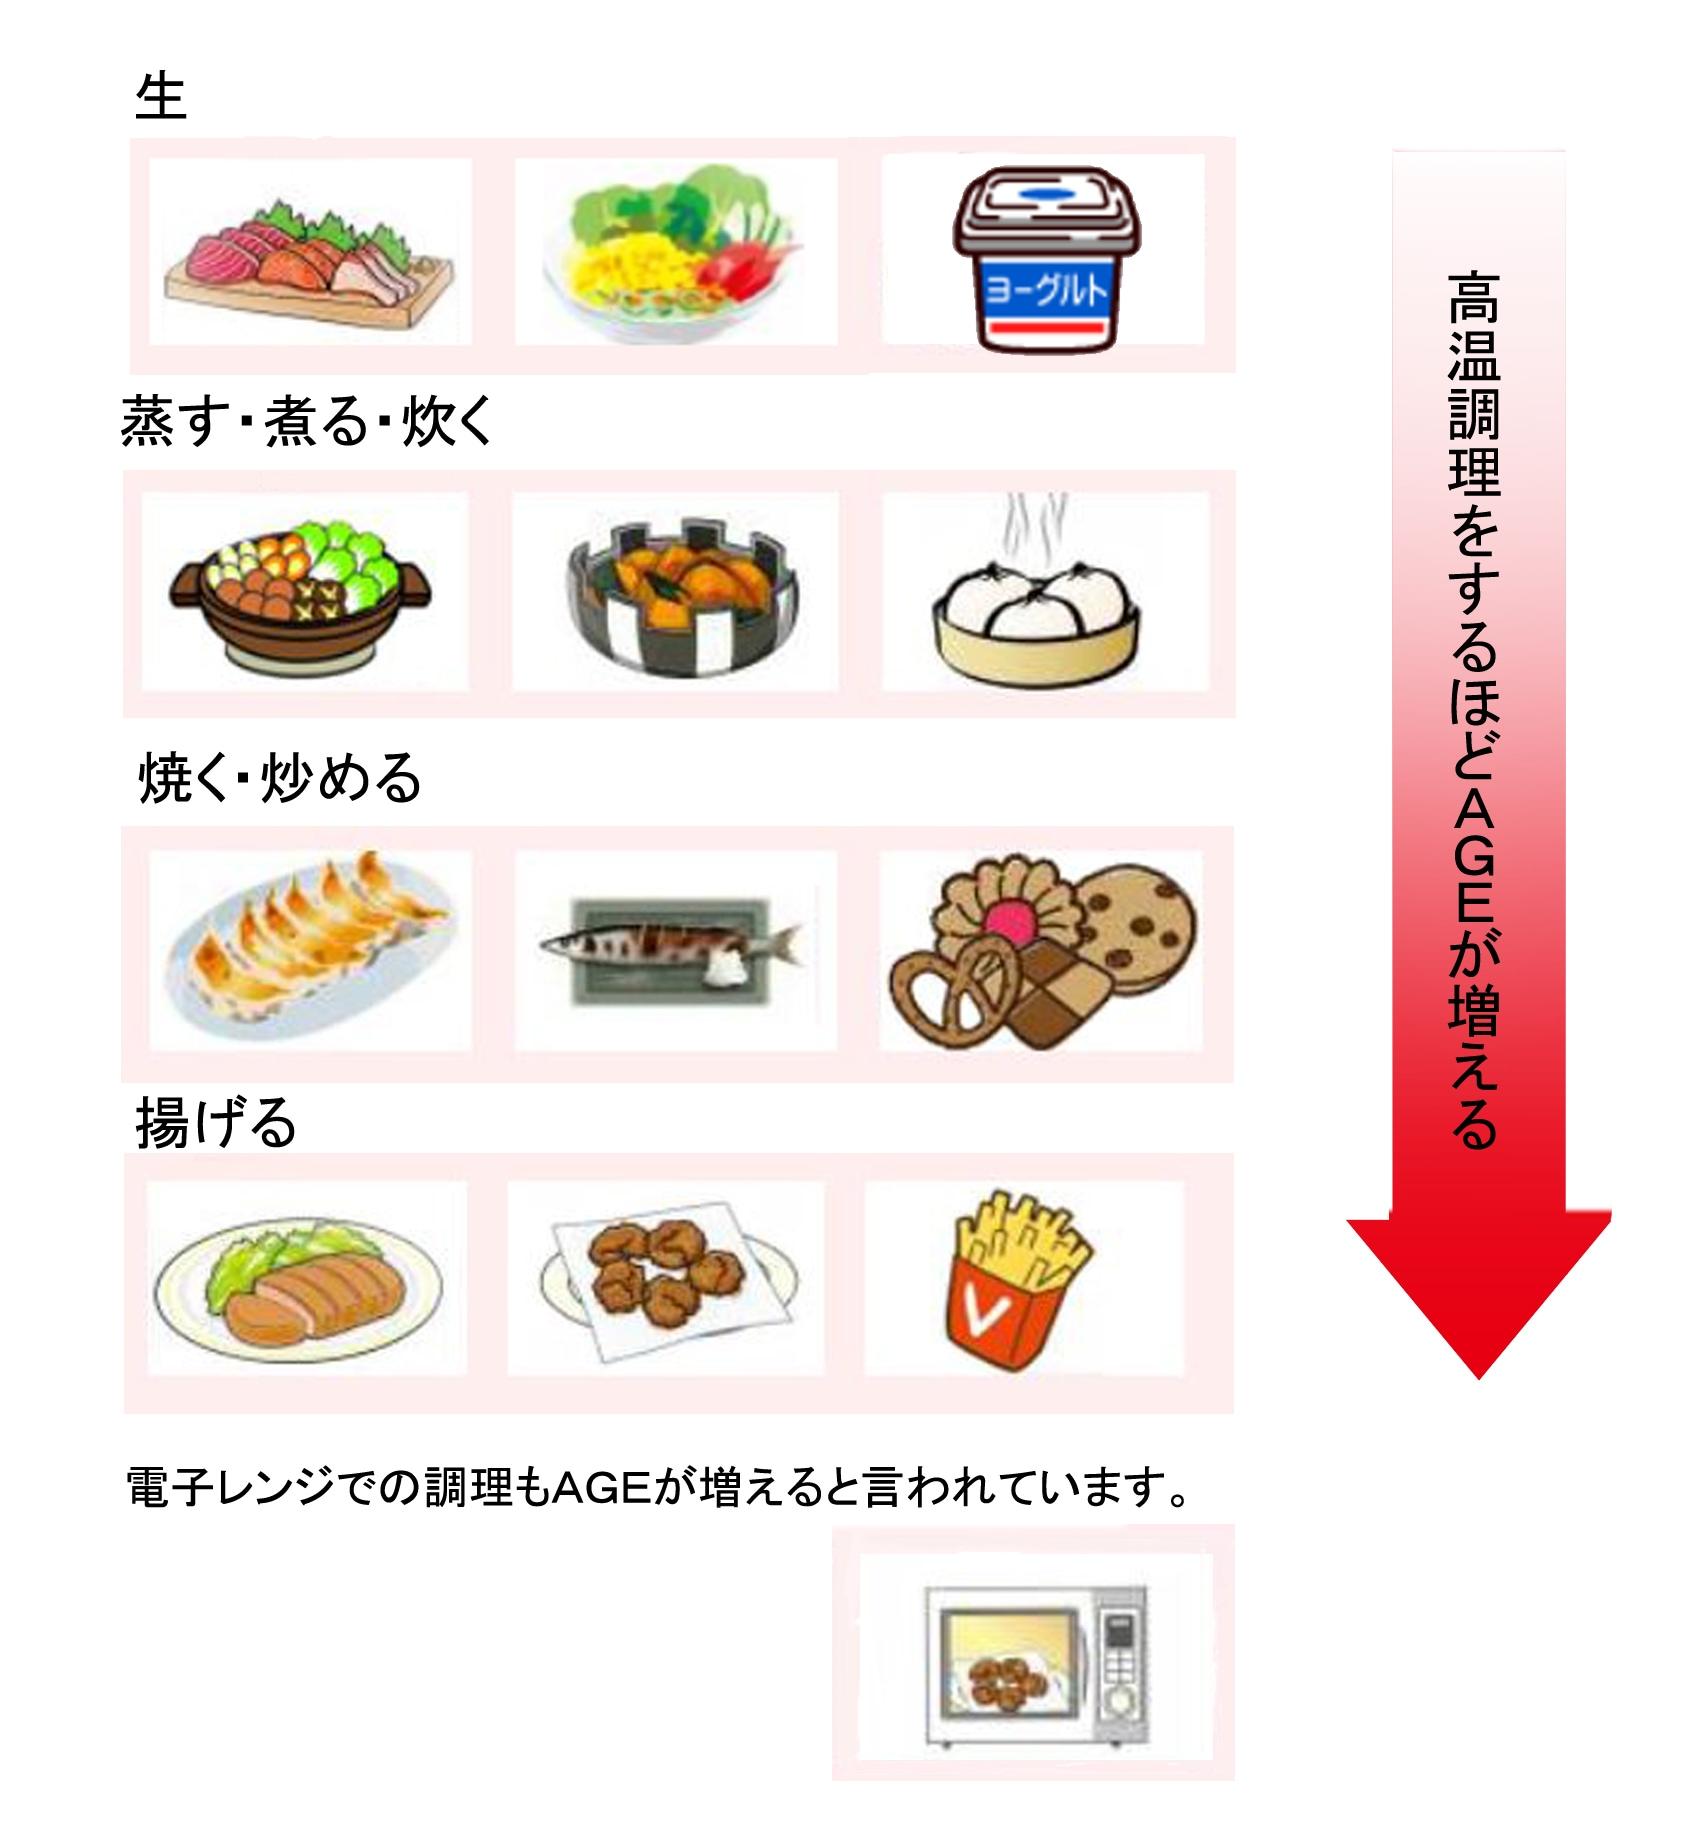 糖化最終産物(AGE)は生、蒸す、炊く、煮る、焼く、揚げると高温調理すると高くなる。